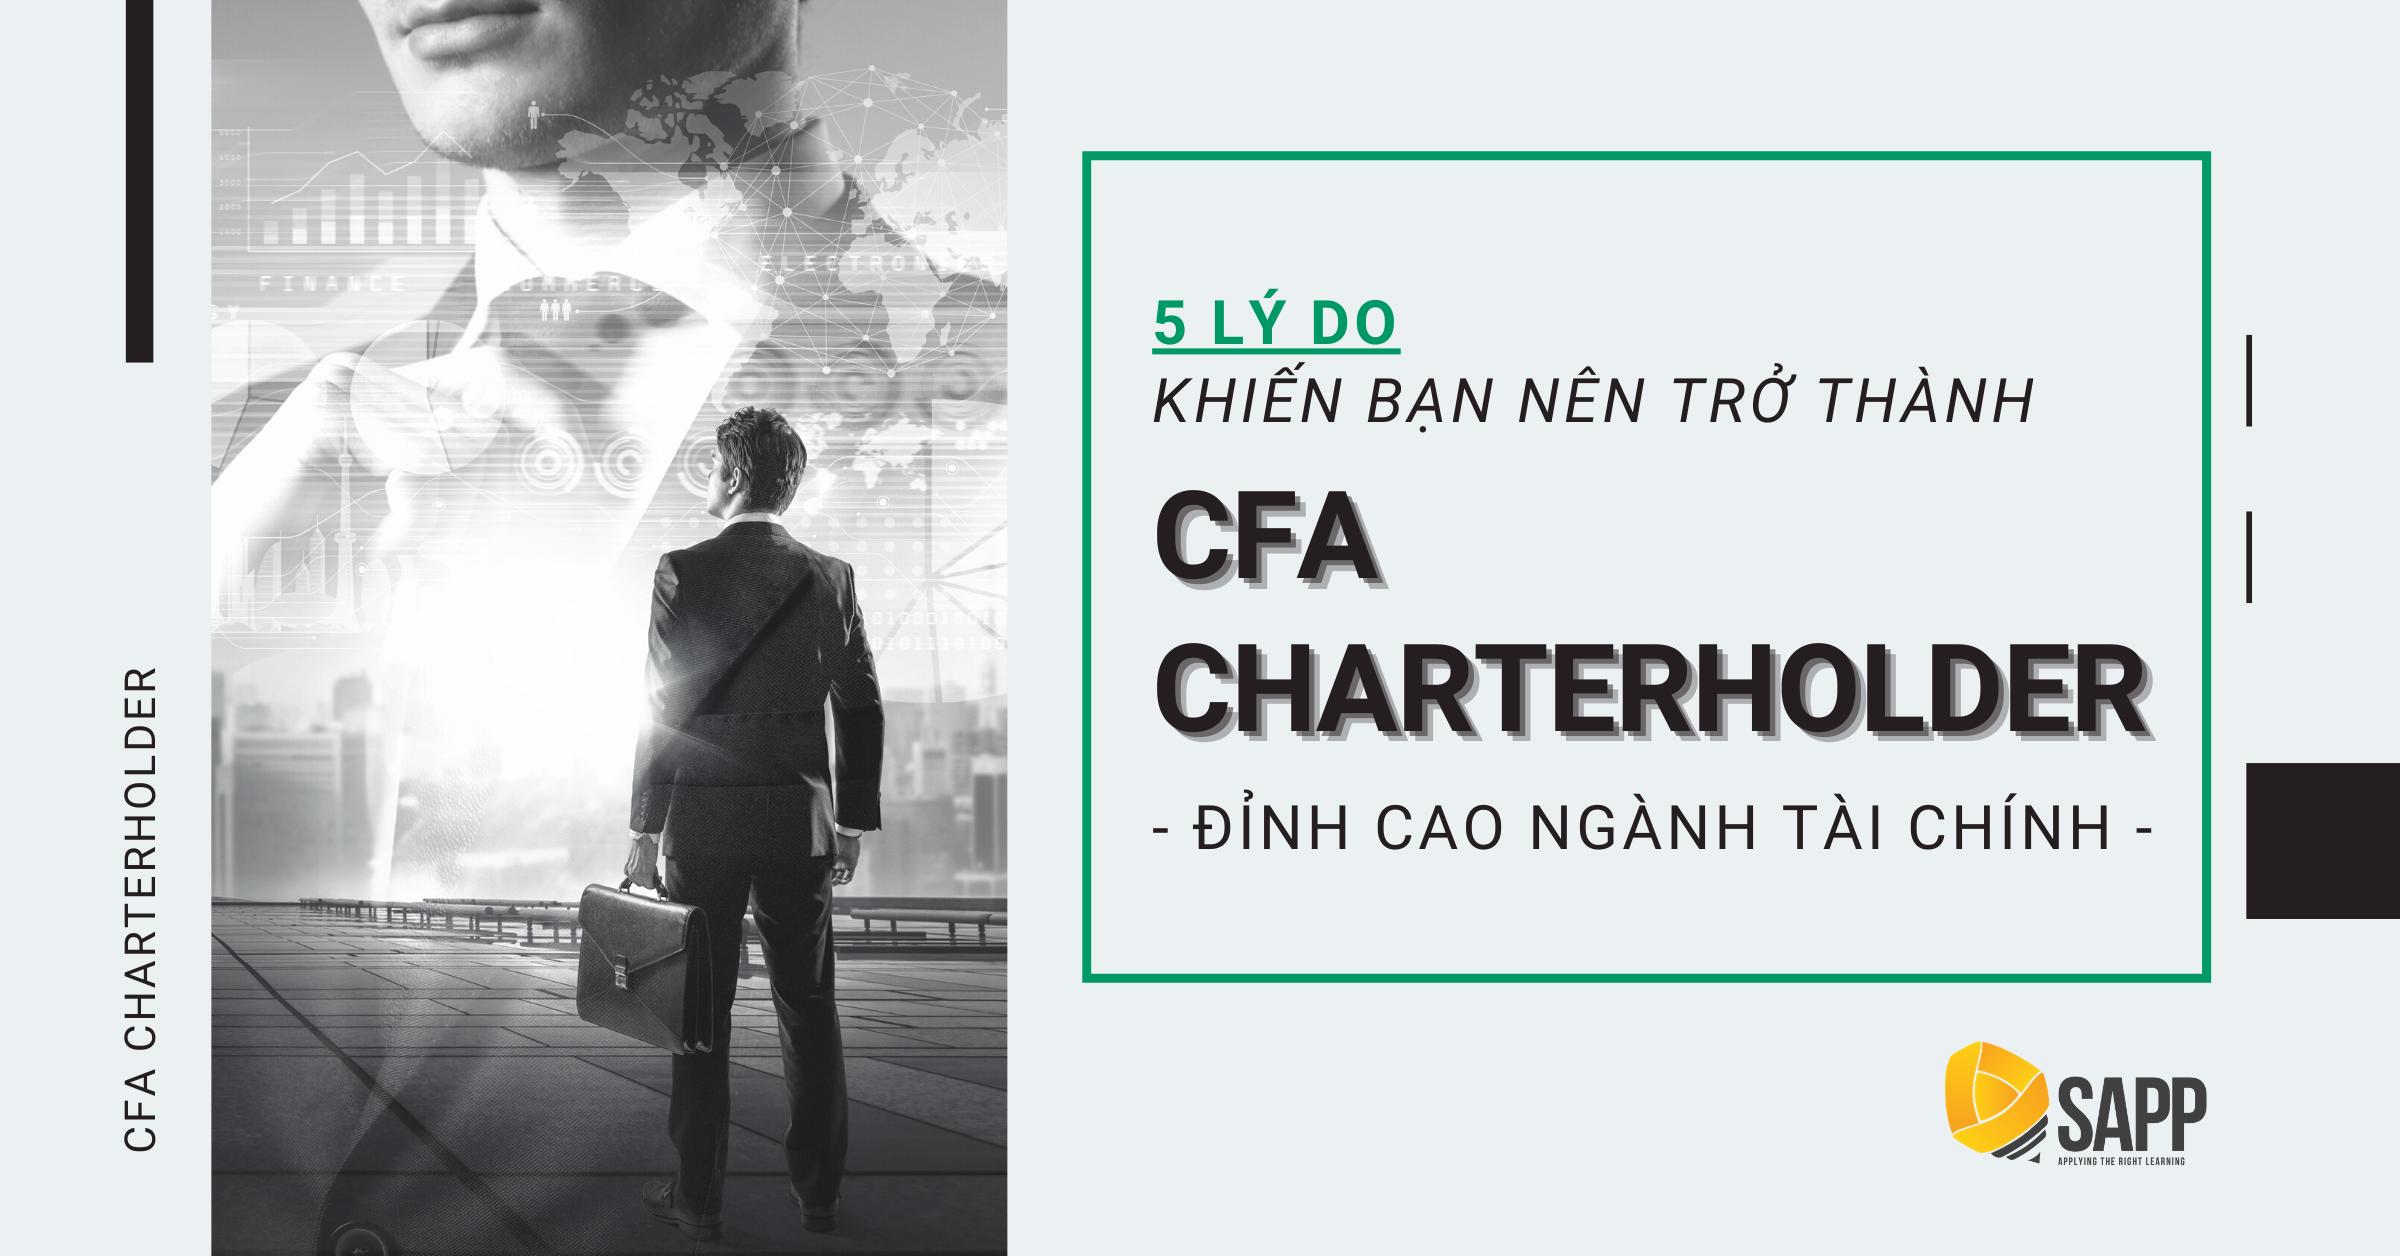 5 Lý Do Khiến Bạn Nên Trở Thành CFA Charterholder - Đỉnh Cao Ngành Tài Chính